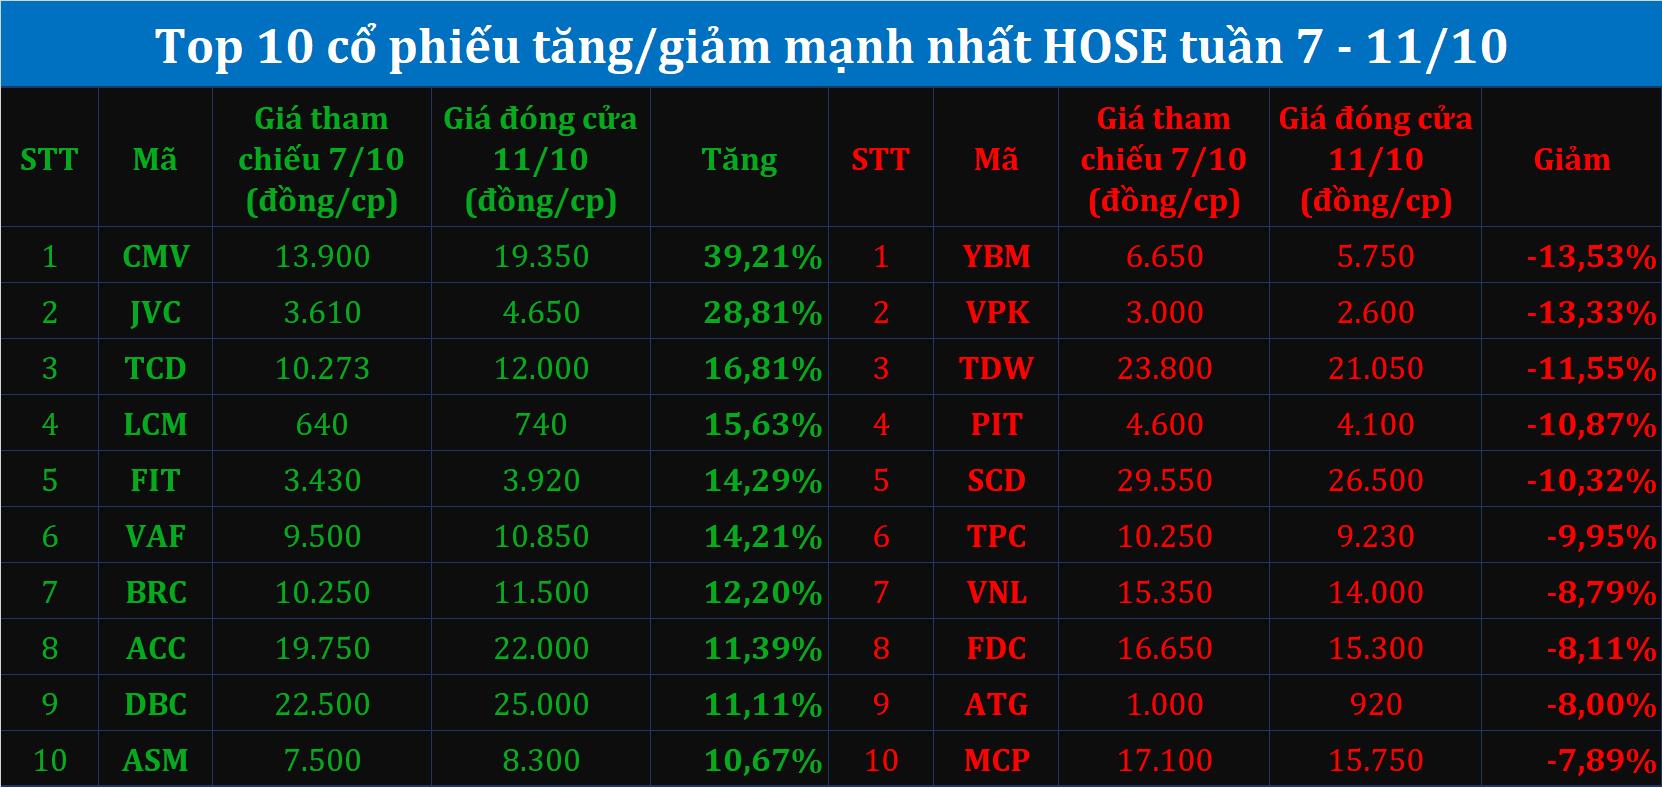 https://cdn.vietnambiz.vn/2019/10/13/hose-1570975004097513526839.png